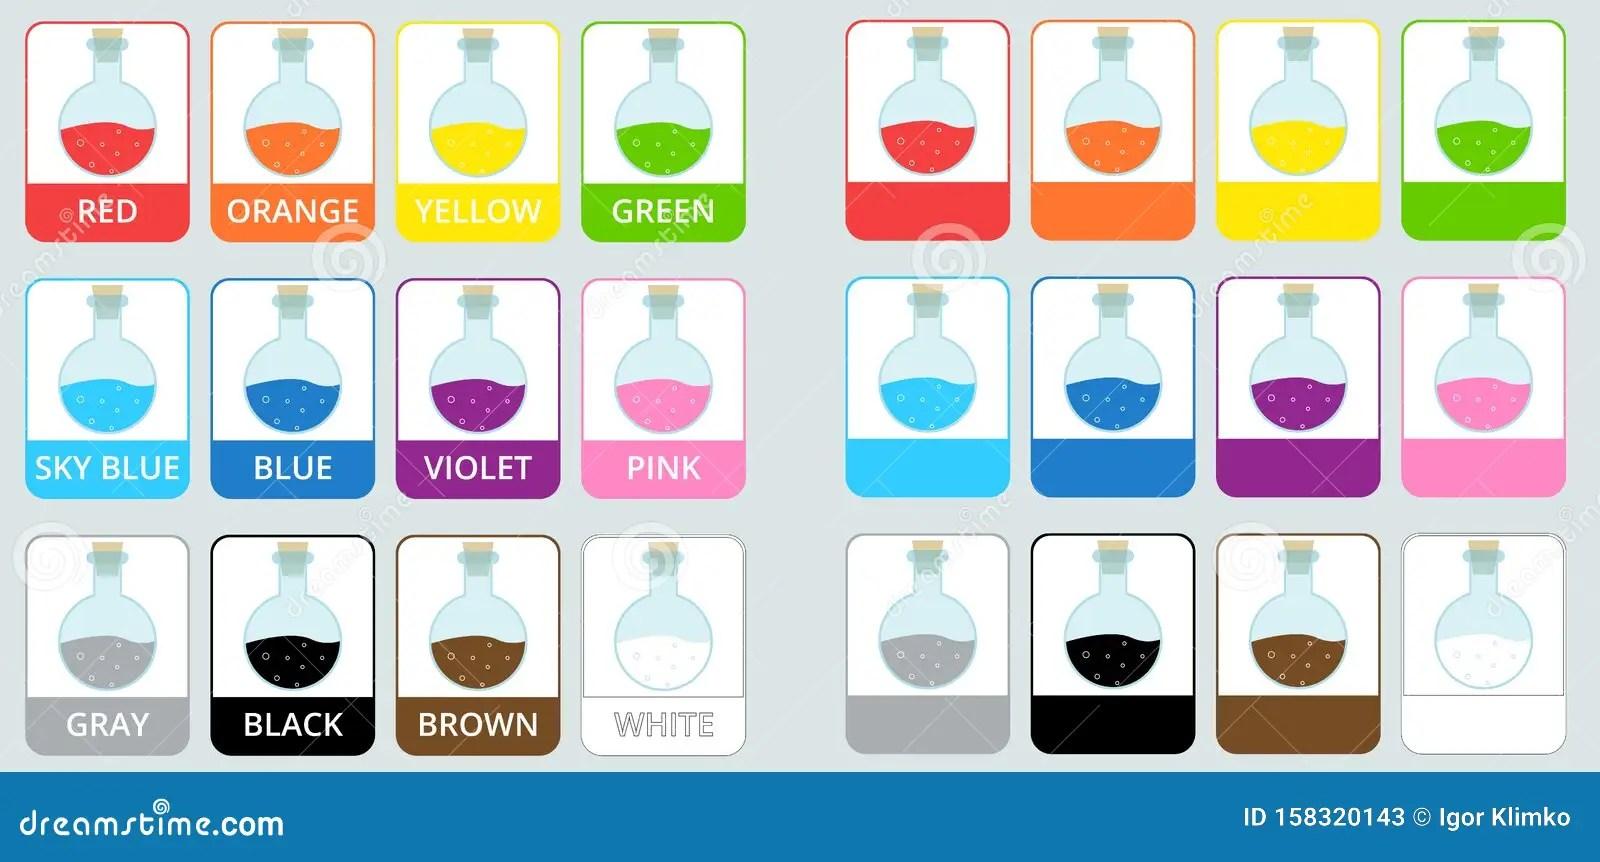 English Worksheet For Color Names Vector Illustration